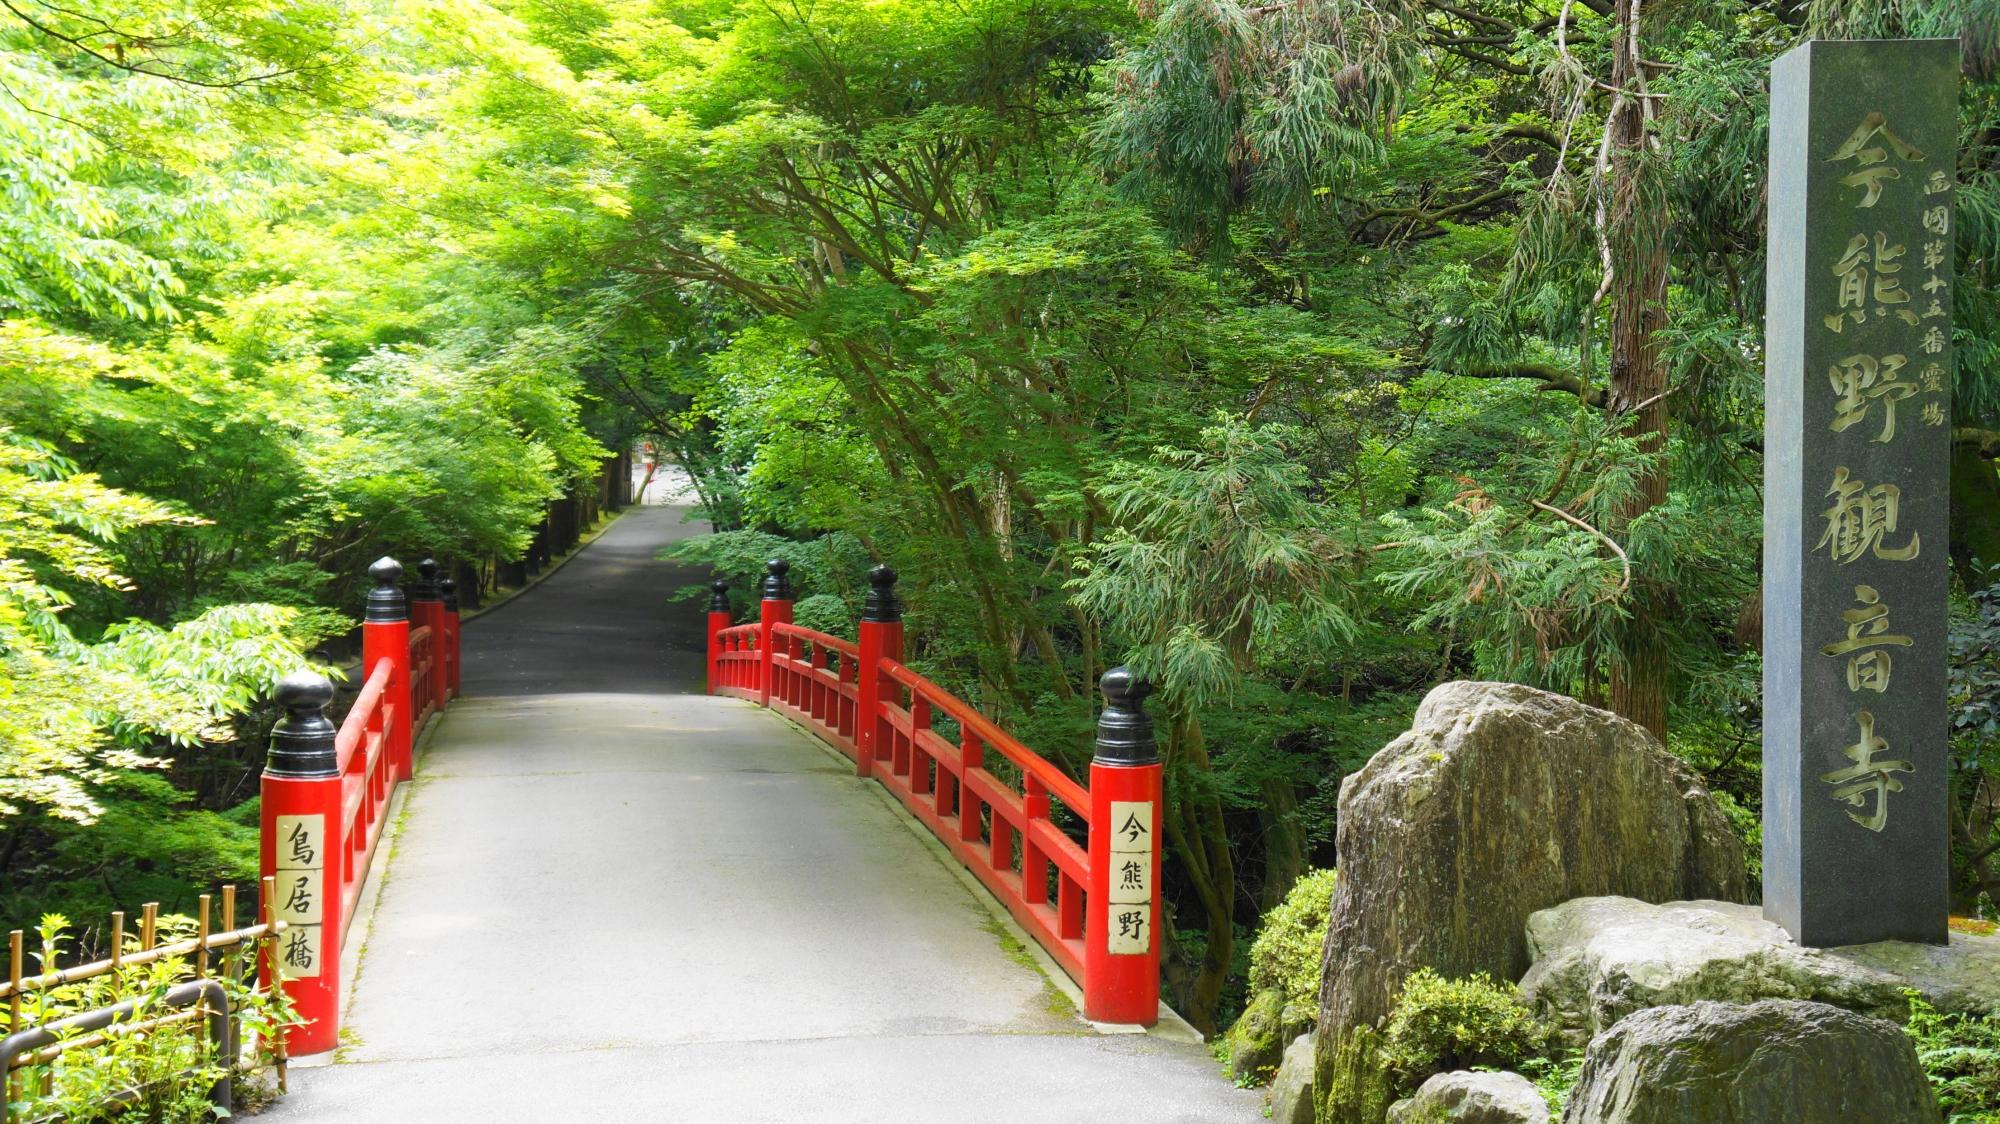 さわやかな新緑につつまれた今熊野観音寺の鳥居橋